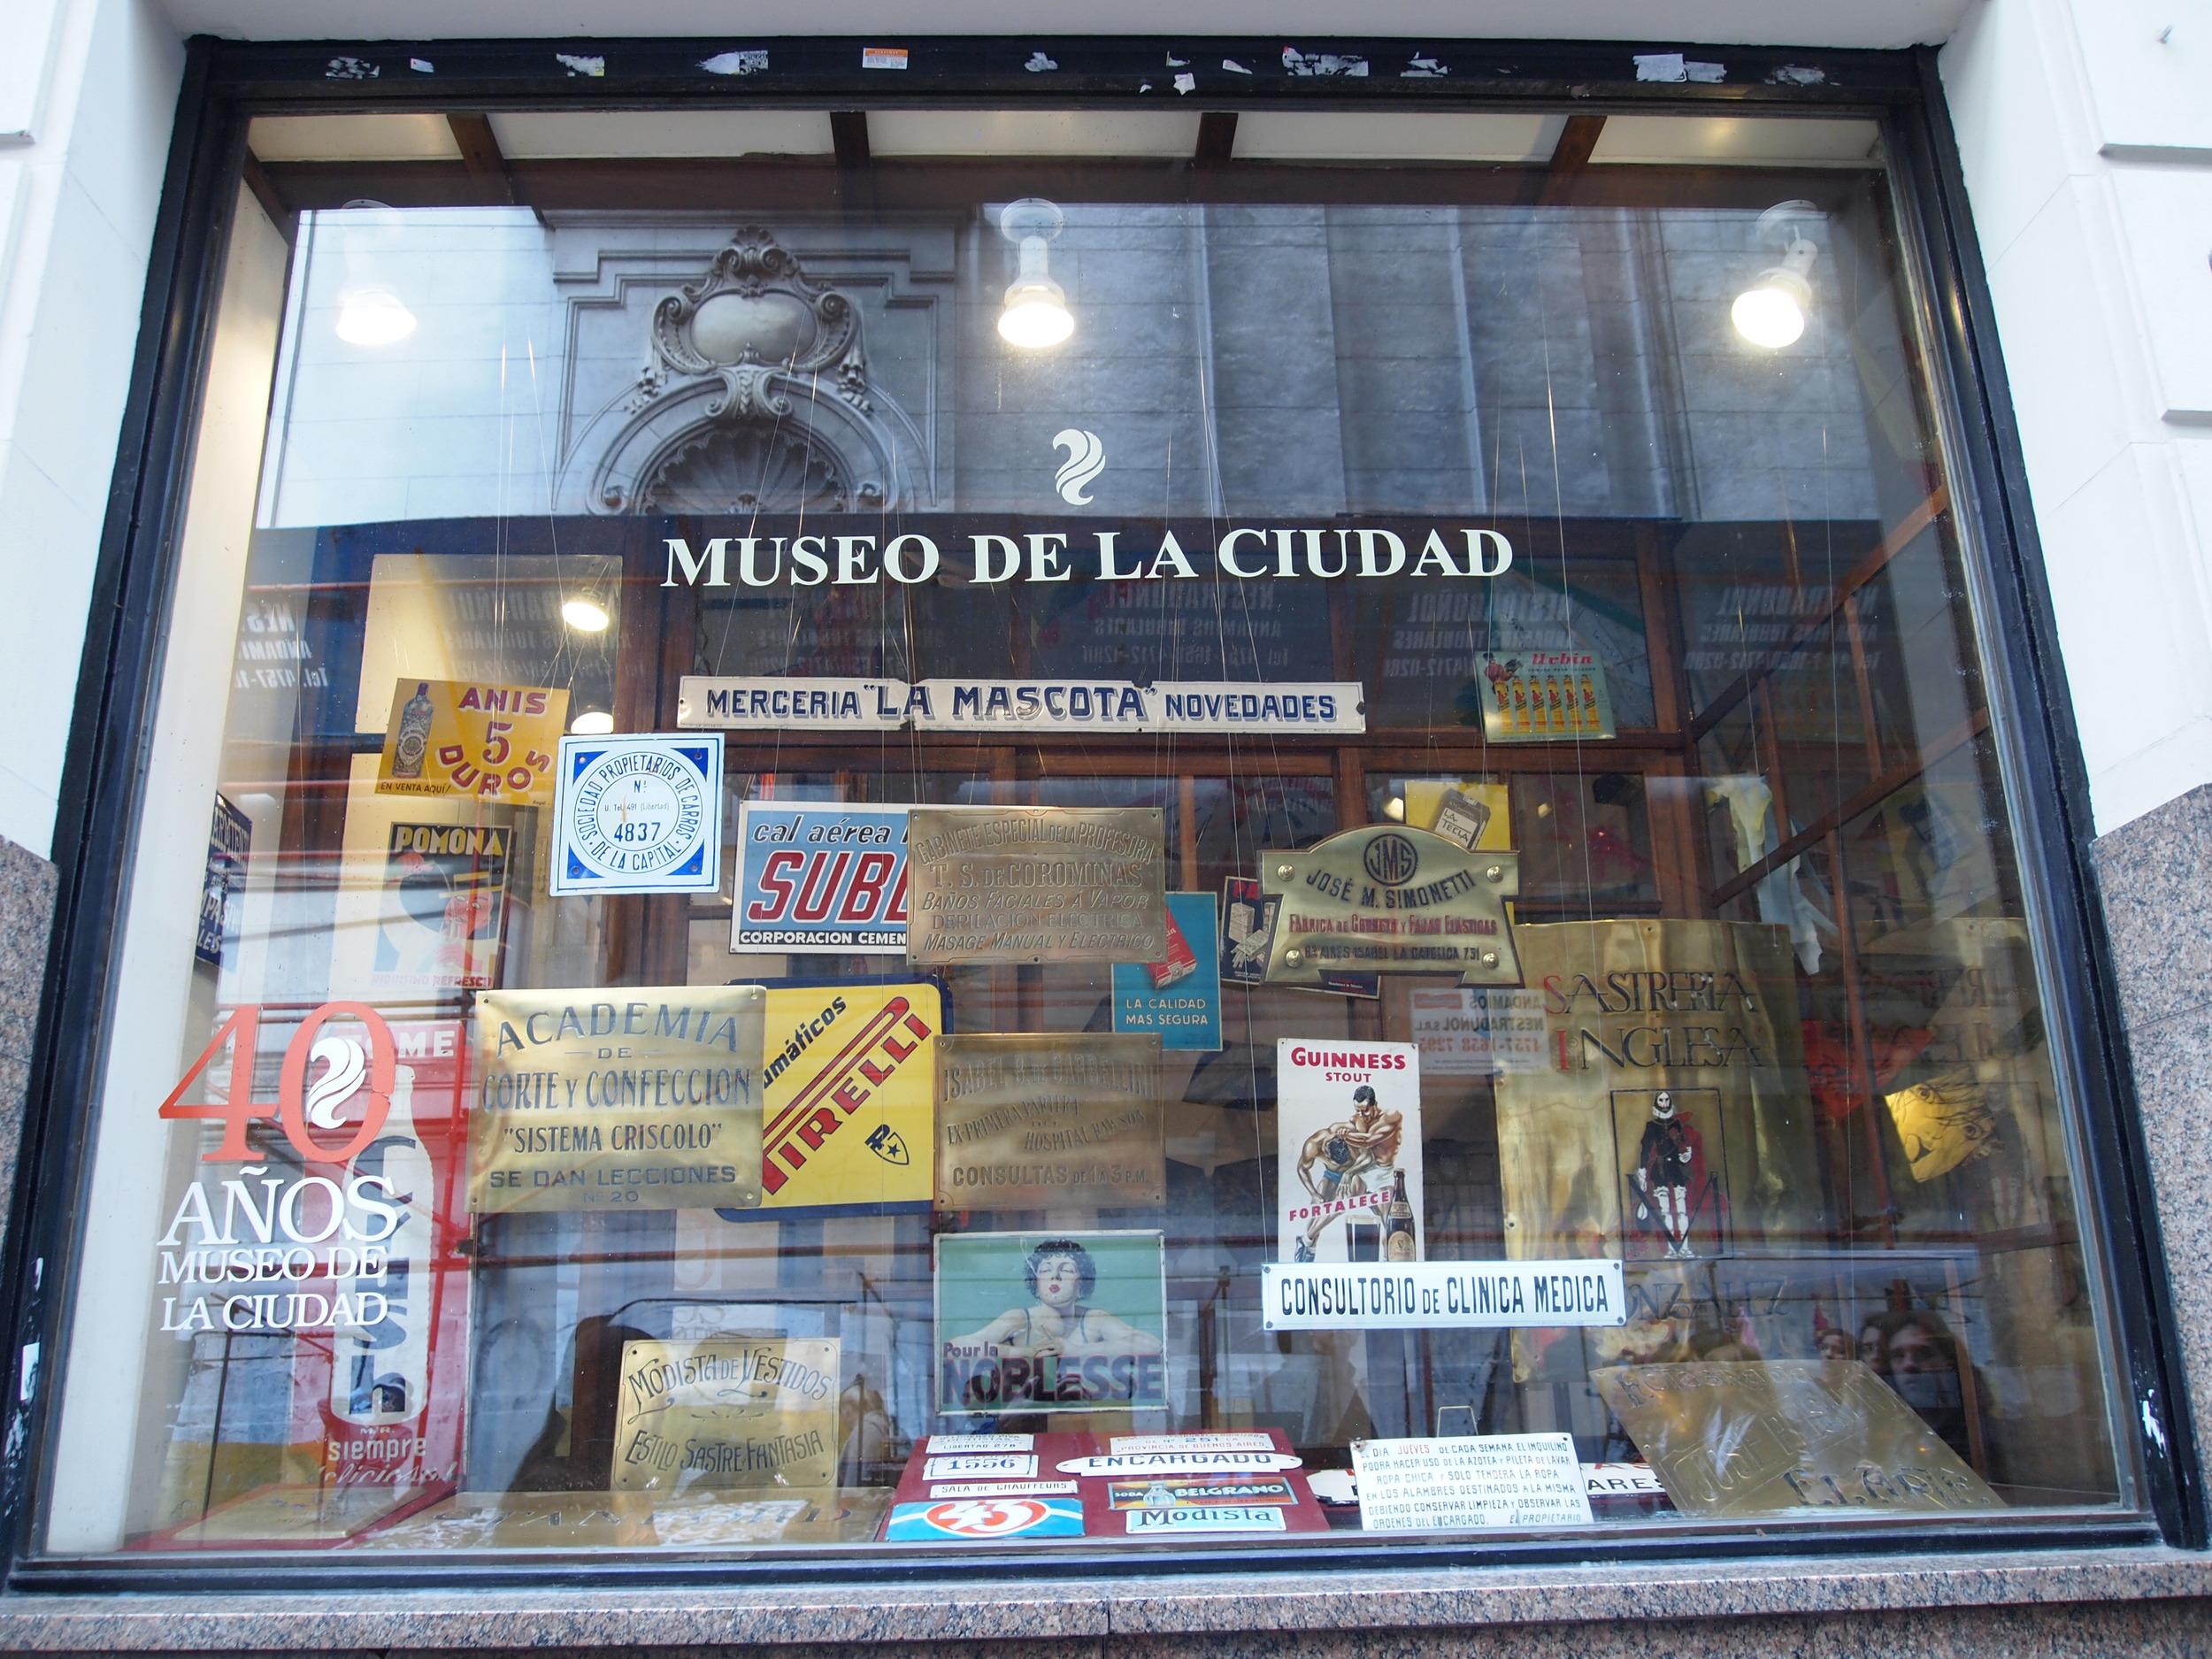 Museo_de_La_Ciudad_San_Telmo8.jpg